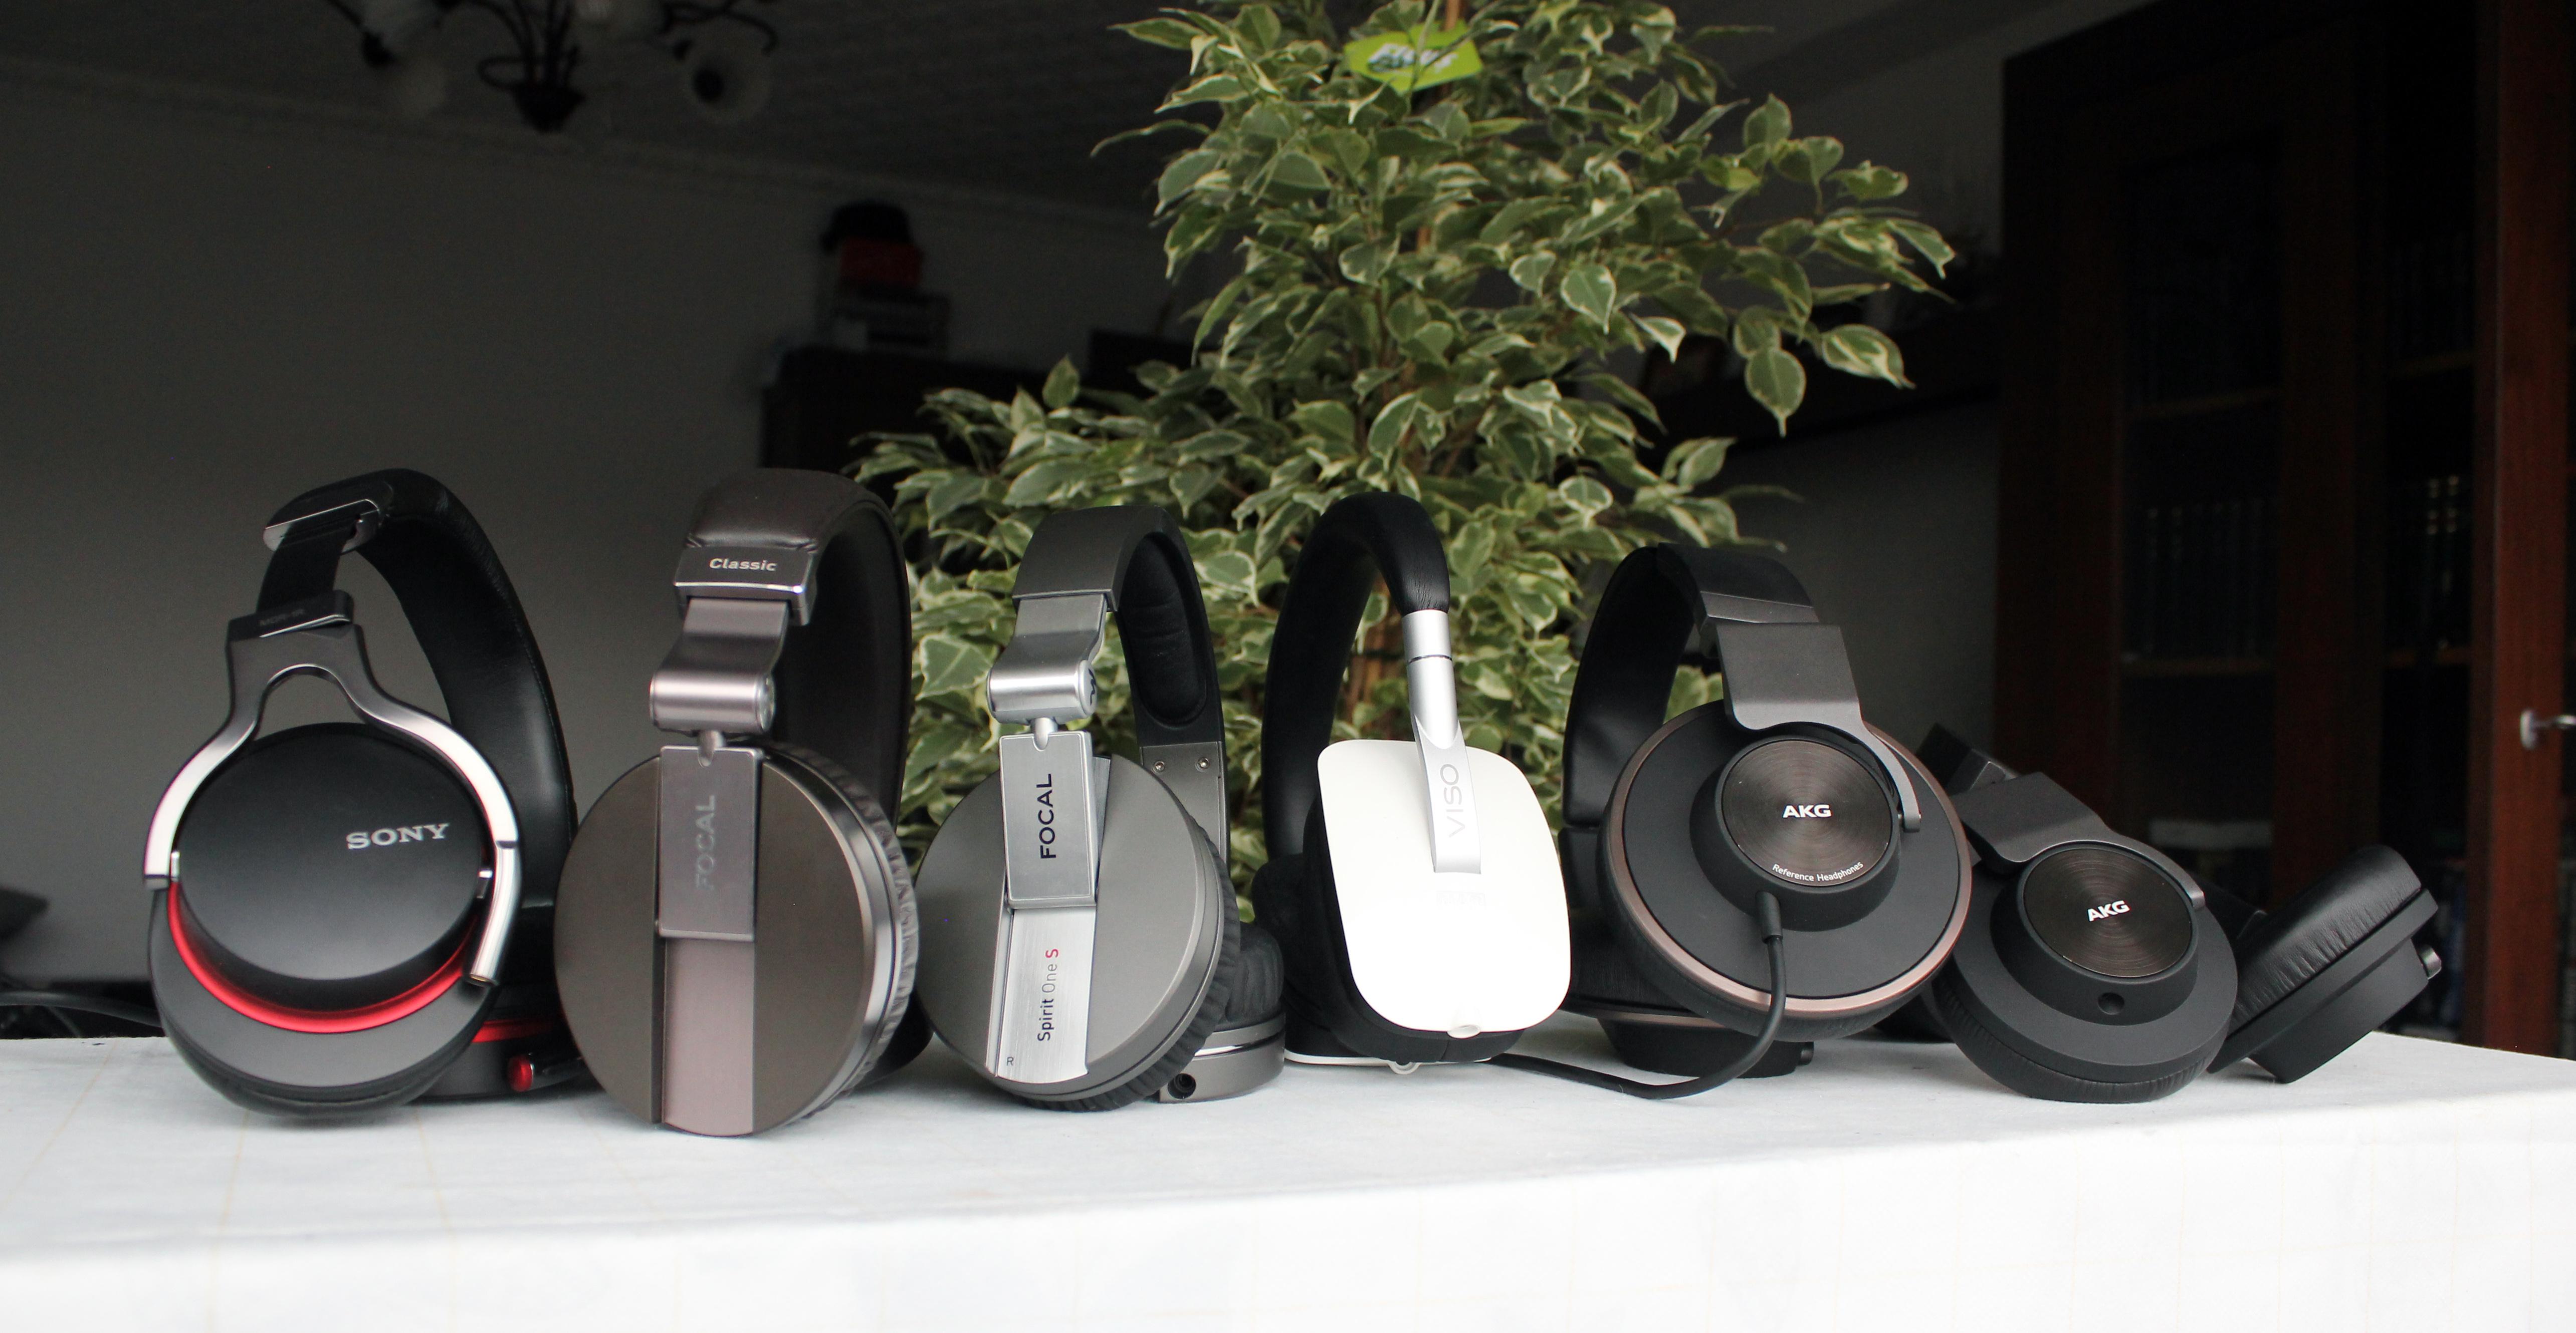 akg headphones k550. nad viso hp50 review akg headphones k550